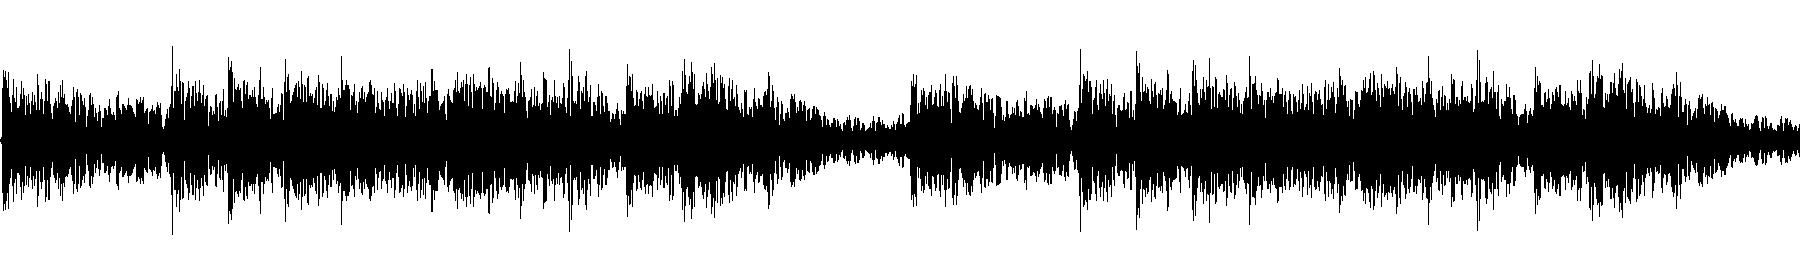 blbc cinedrumsa 110 01